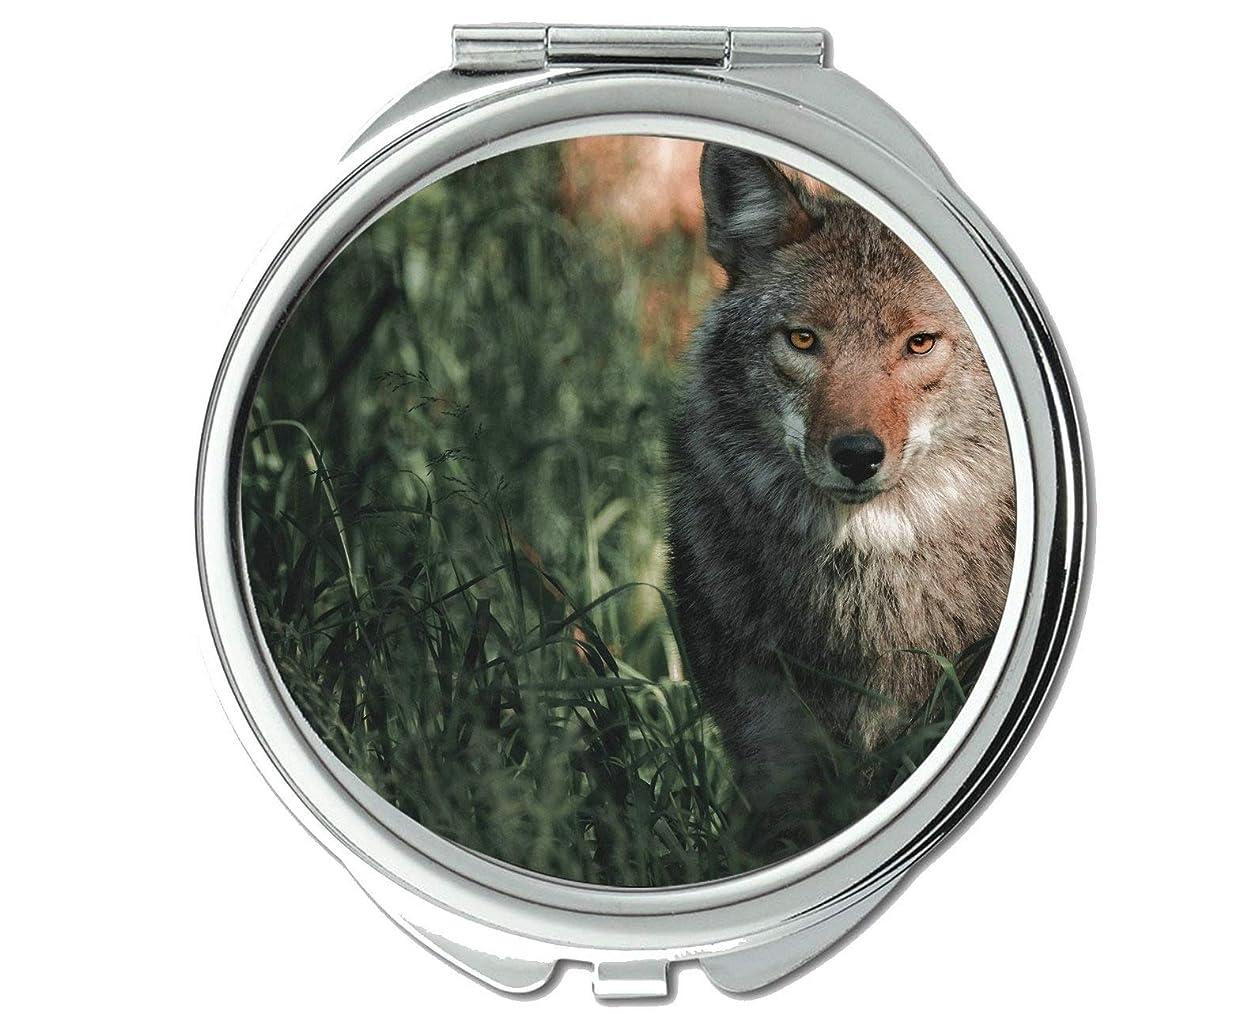 であるヘビ床ミラー、トラベルミラー、野生生物捕食者のオオカミポケットミラー、1 X 2 X拡大鏡